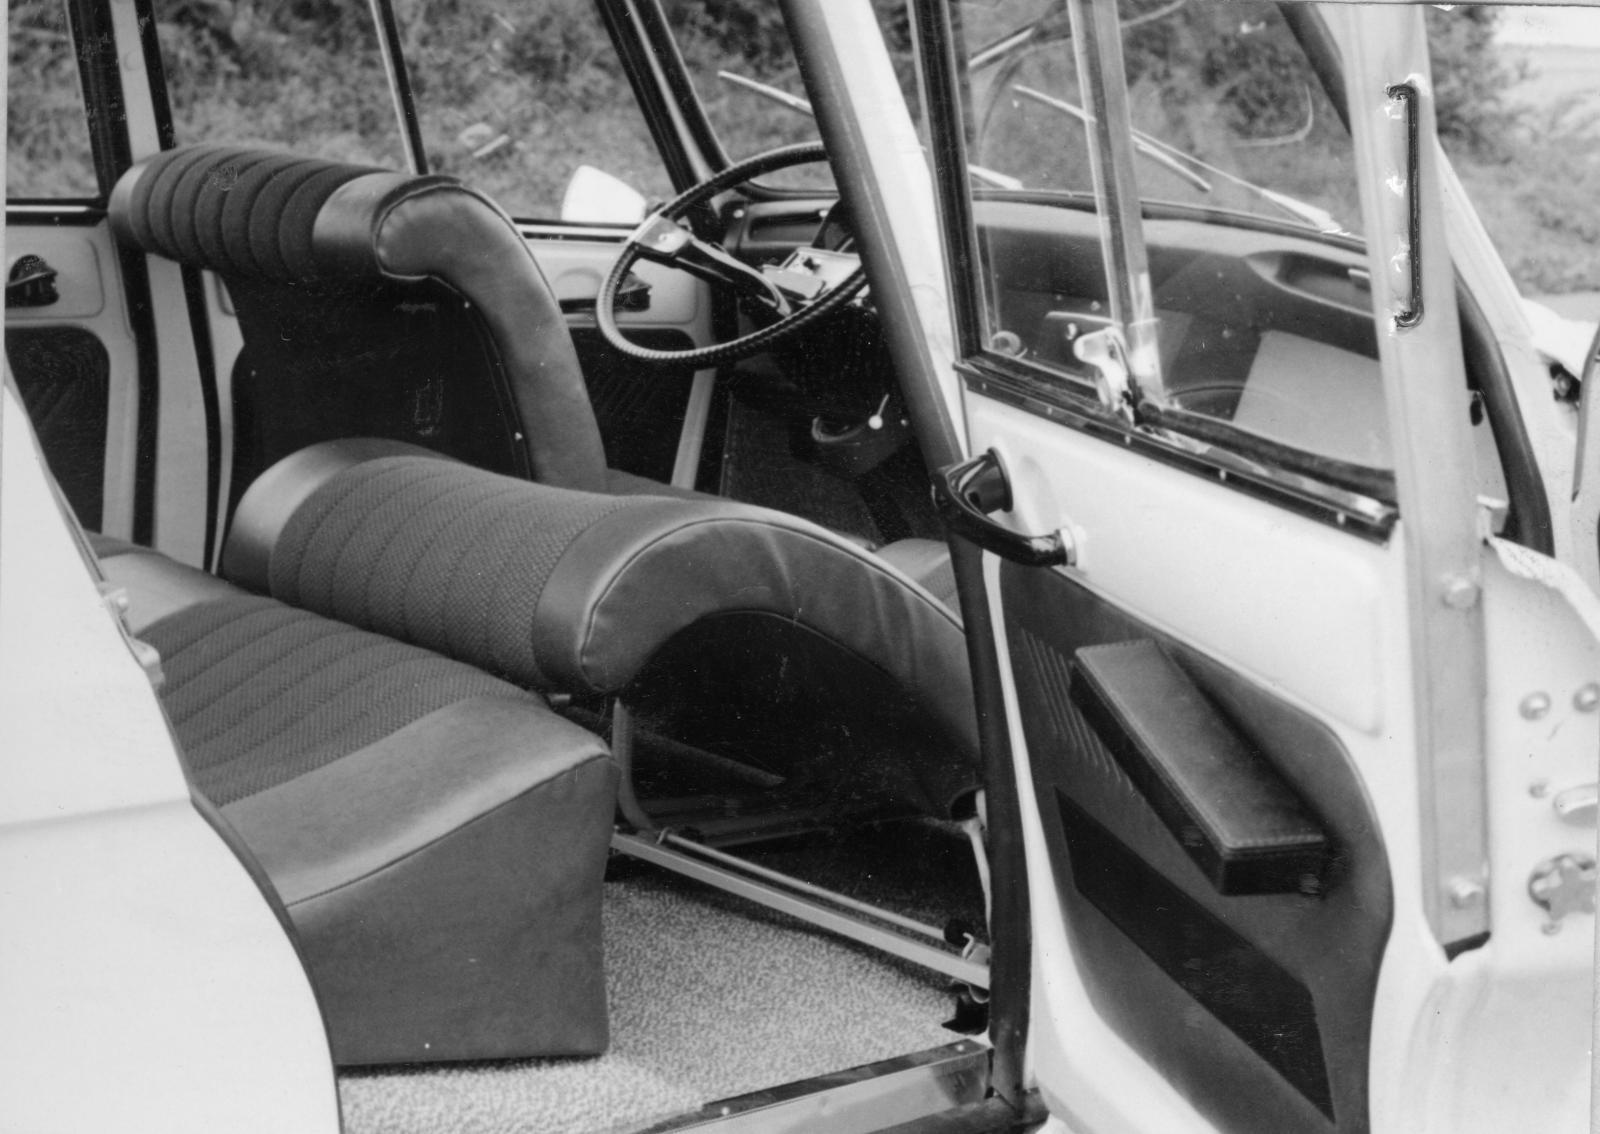 AMI 6 - siège position couchette